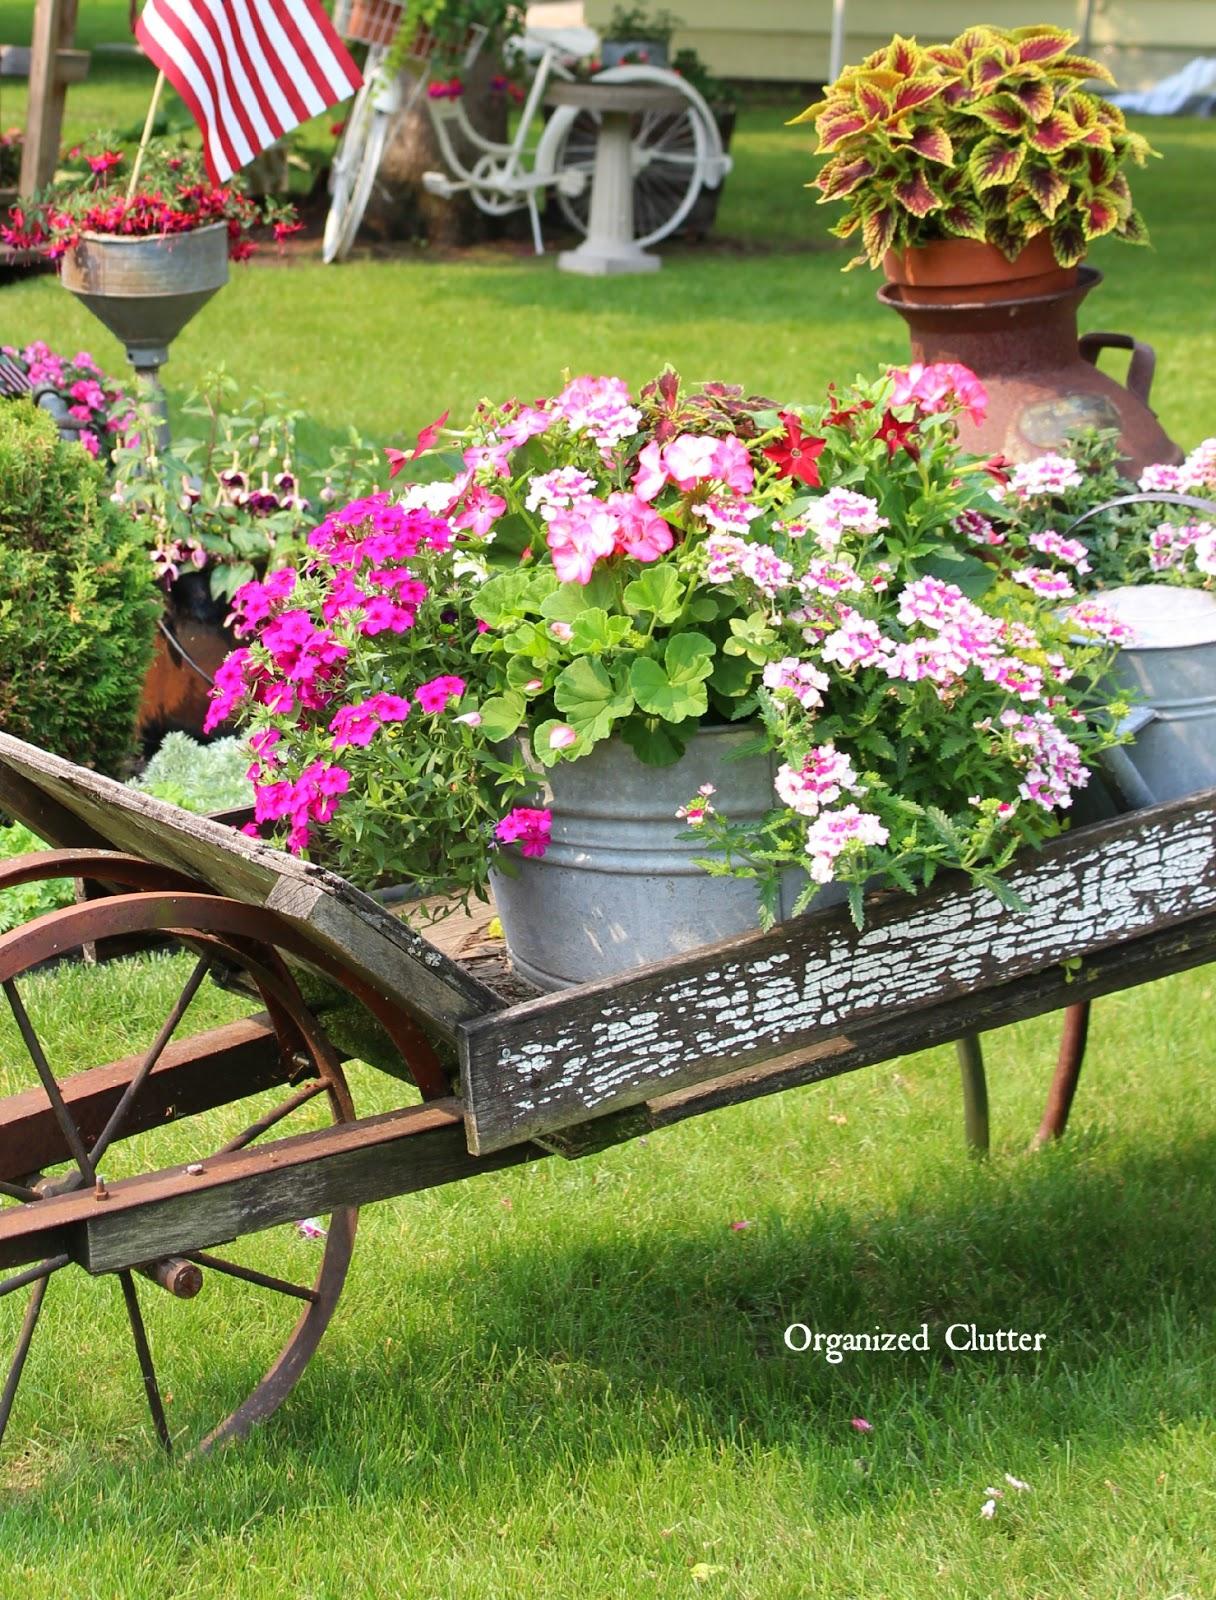 rustic garden wheelbarrow 2015 - Rustic Garden 2015